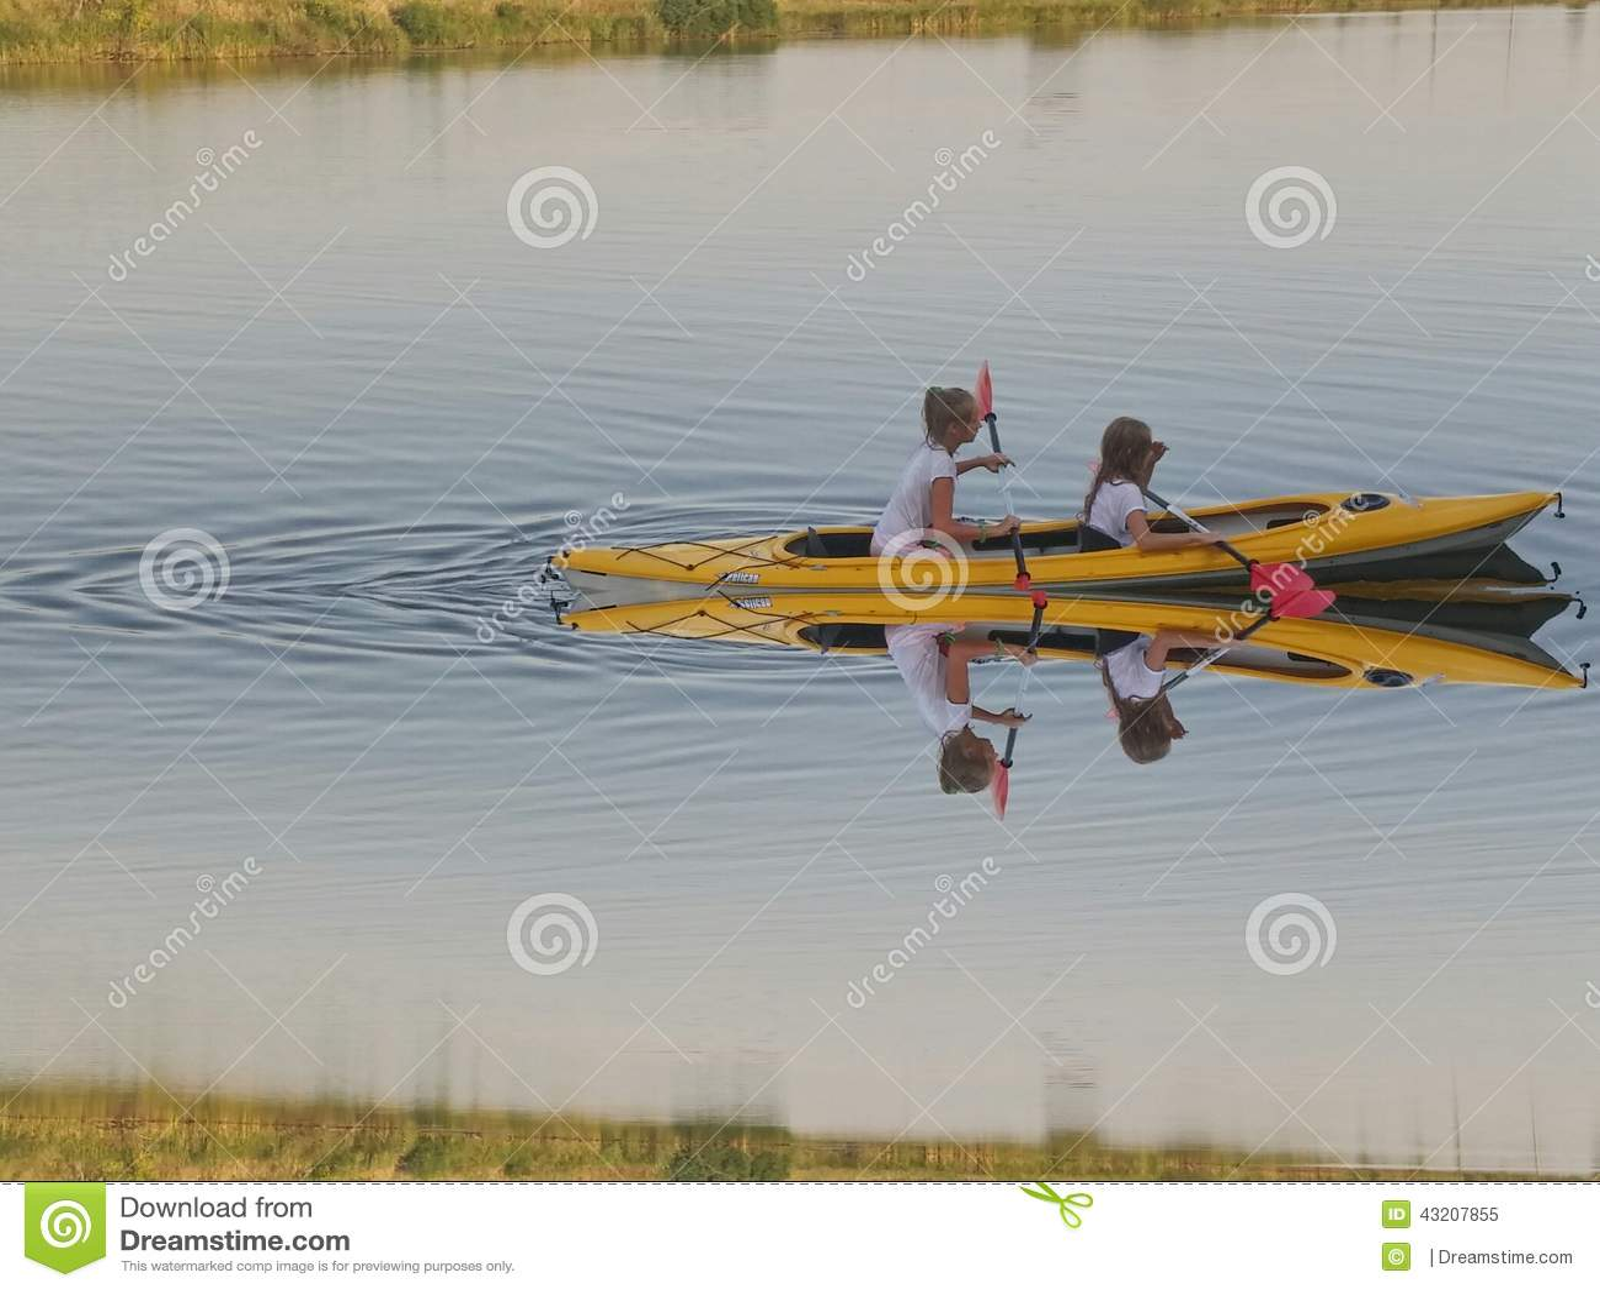 Download Kajak redaktionell foto. Bild av flod, vatten, kajak - 43207855